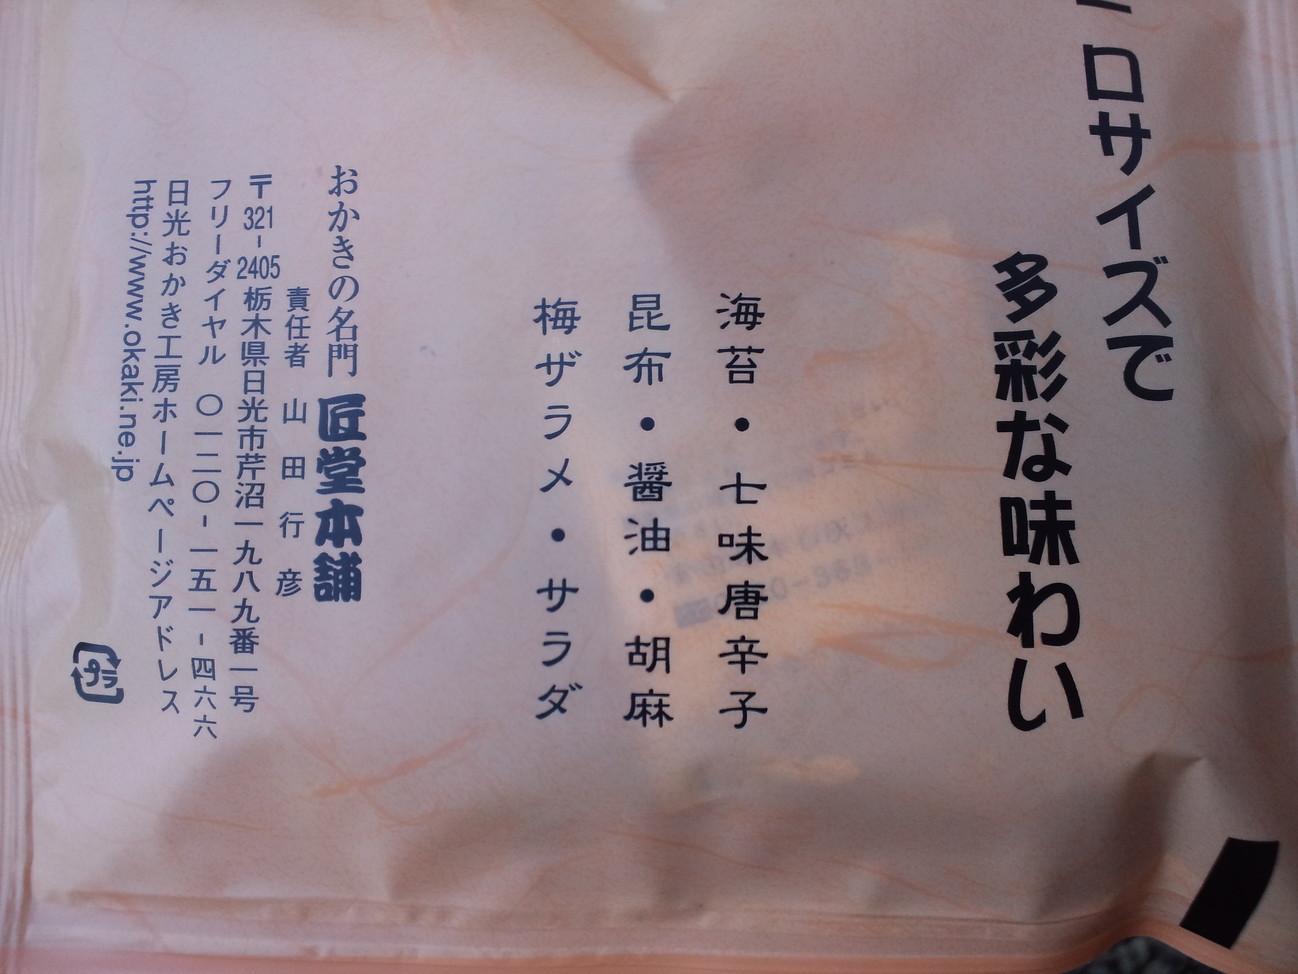 日光おかき工房 name=